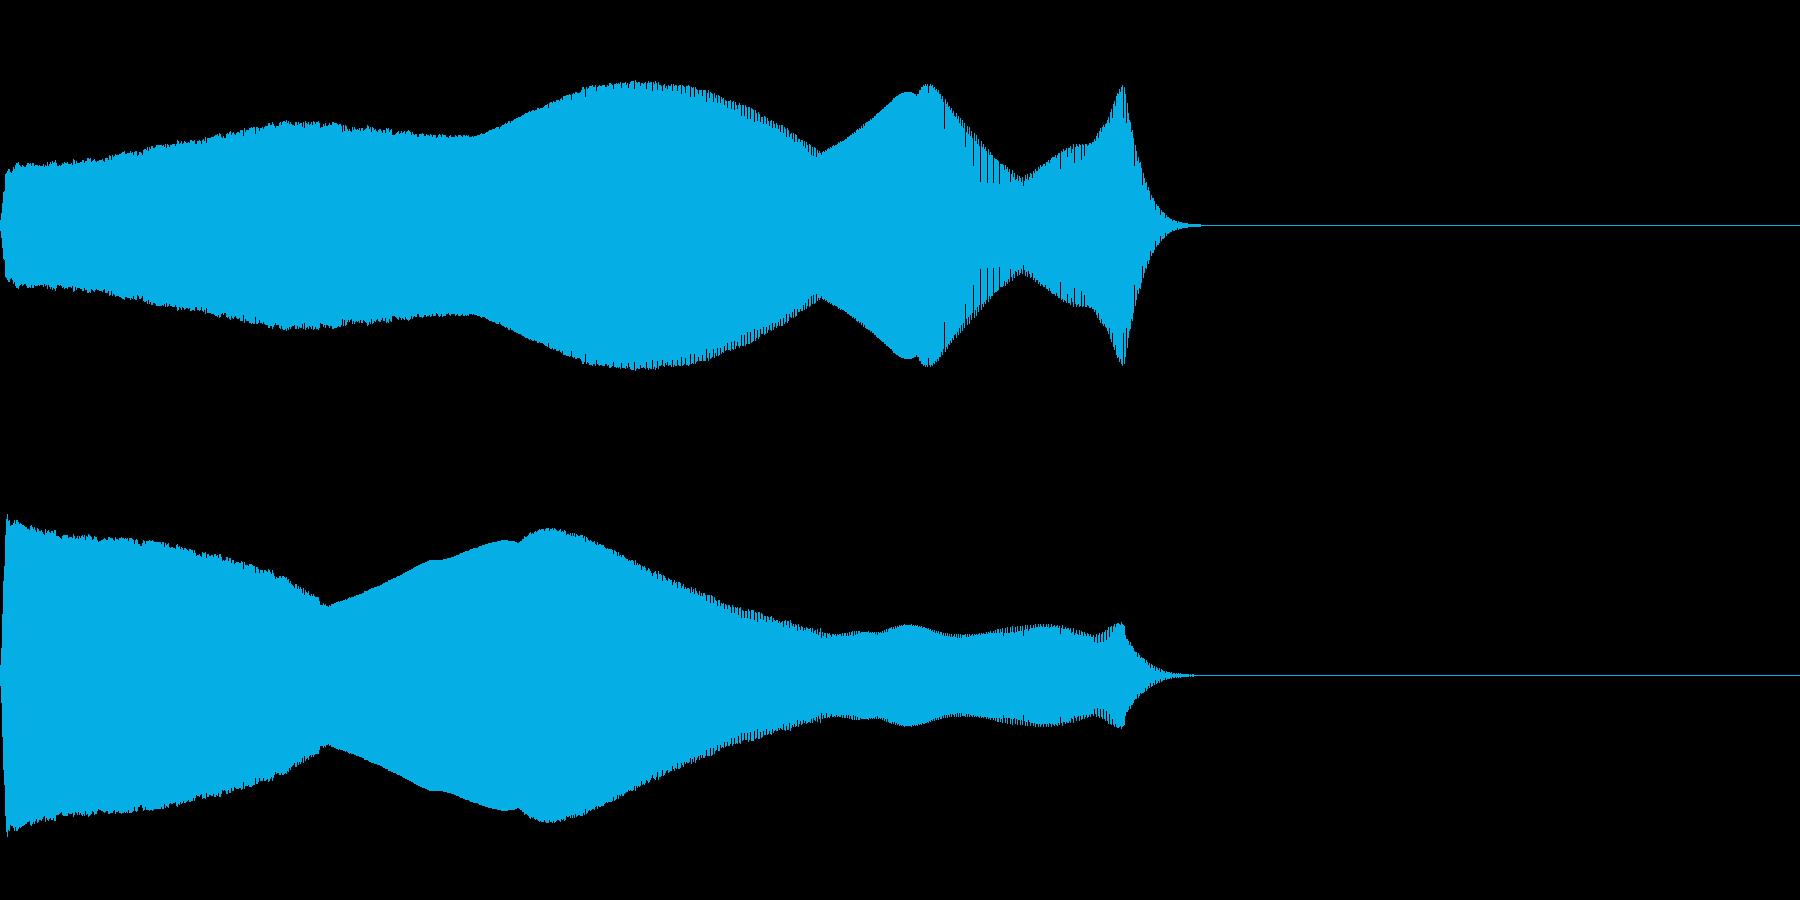 落下音02(電子音系)の再生済みの波形